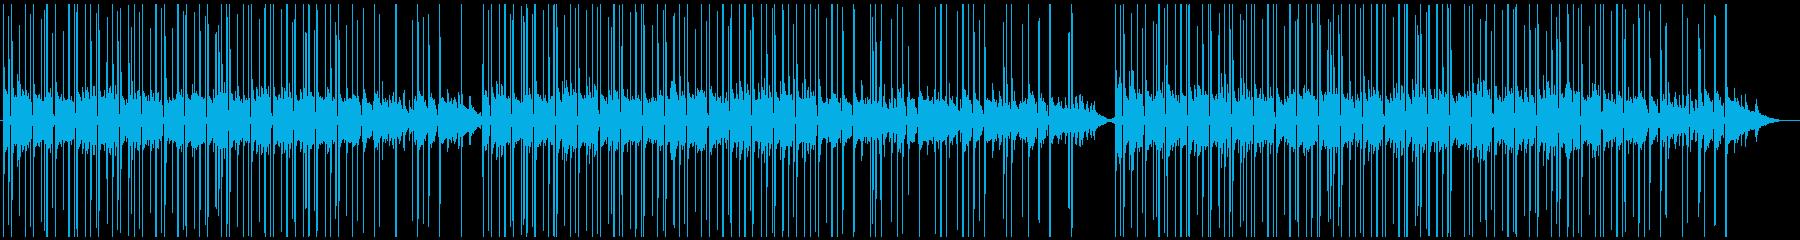 ほのぼの・優しい雰囲気のチルBGMの再生済みの波形